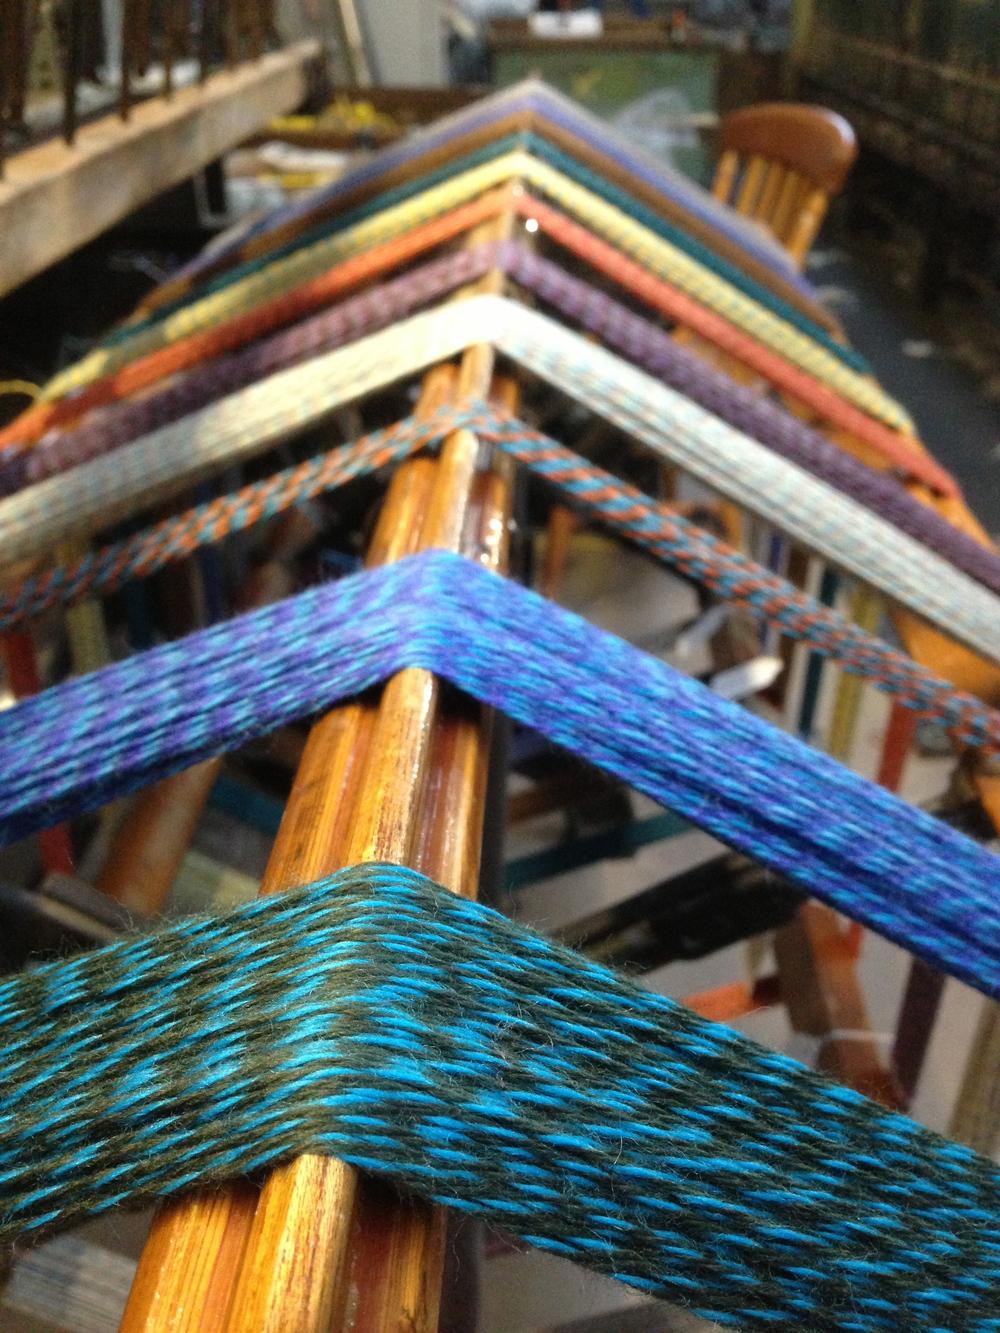 Skeins before twiddling on the skein winder